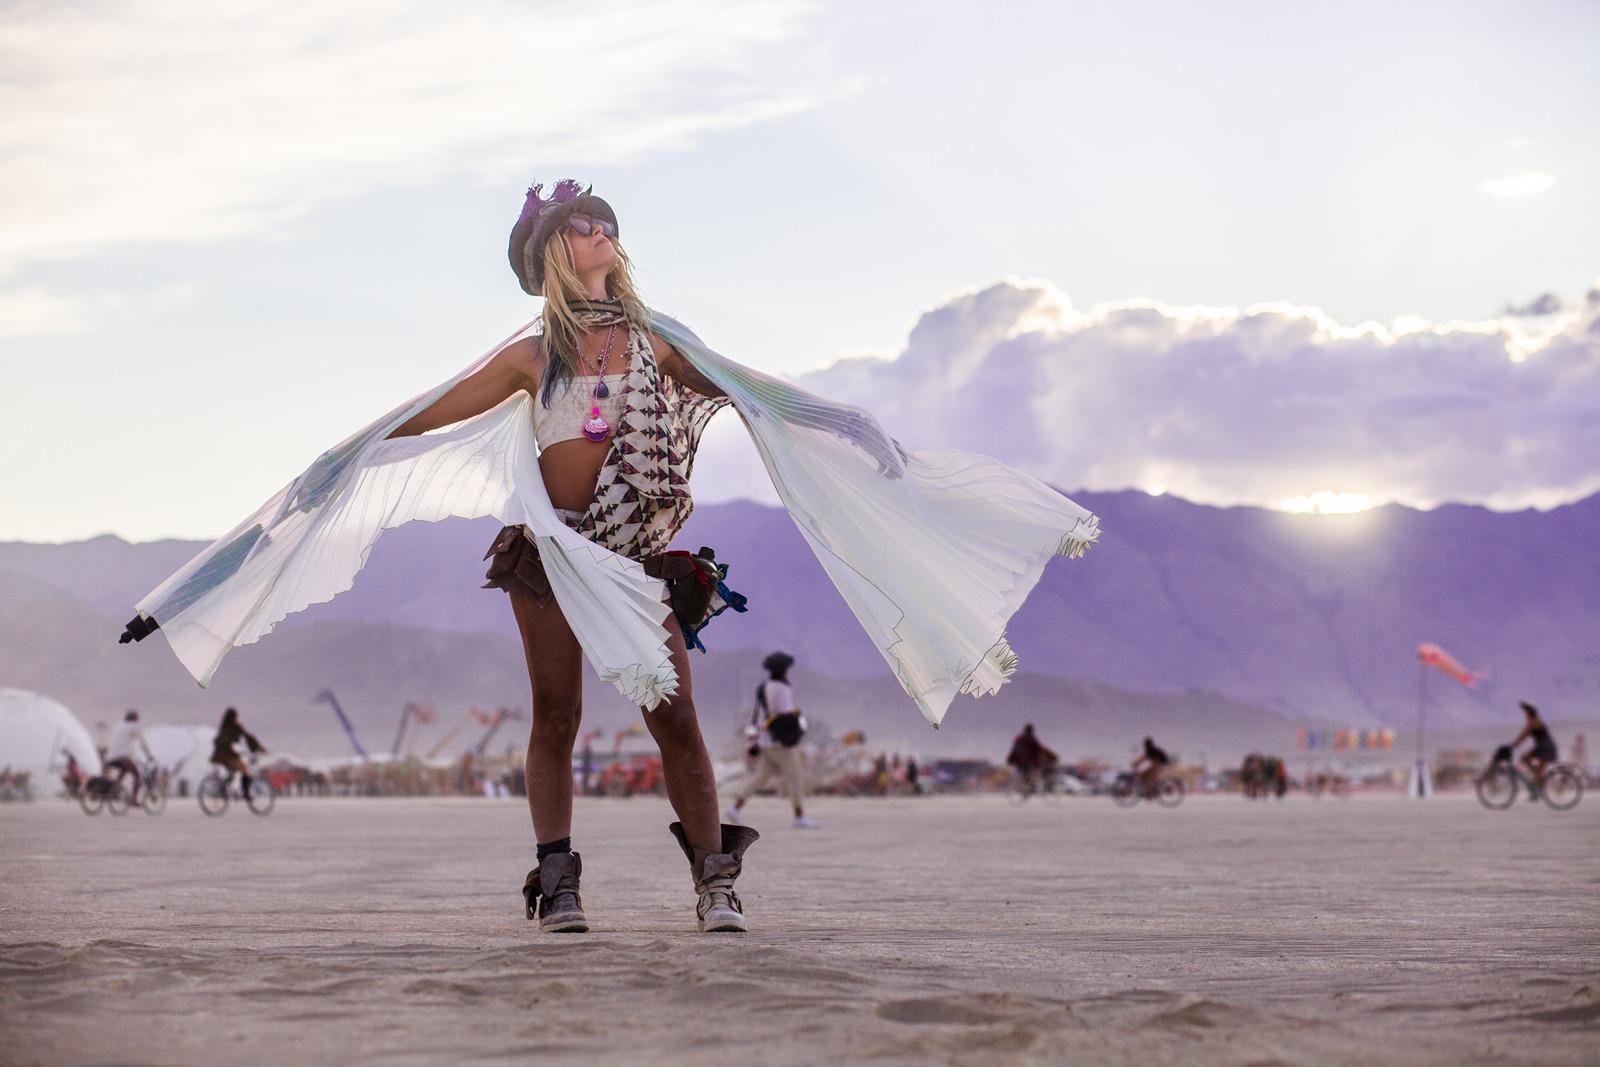 Burning Man - Burner on the playa